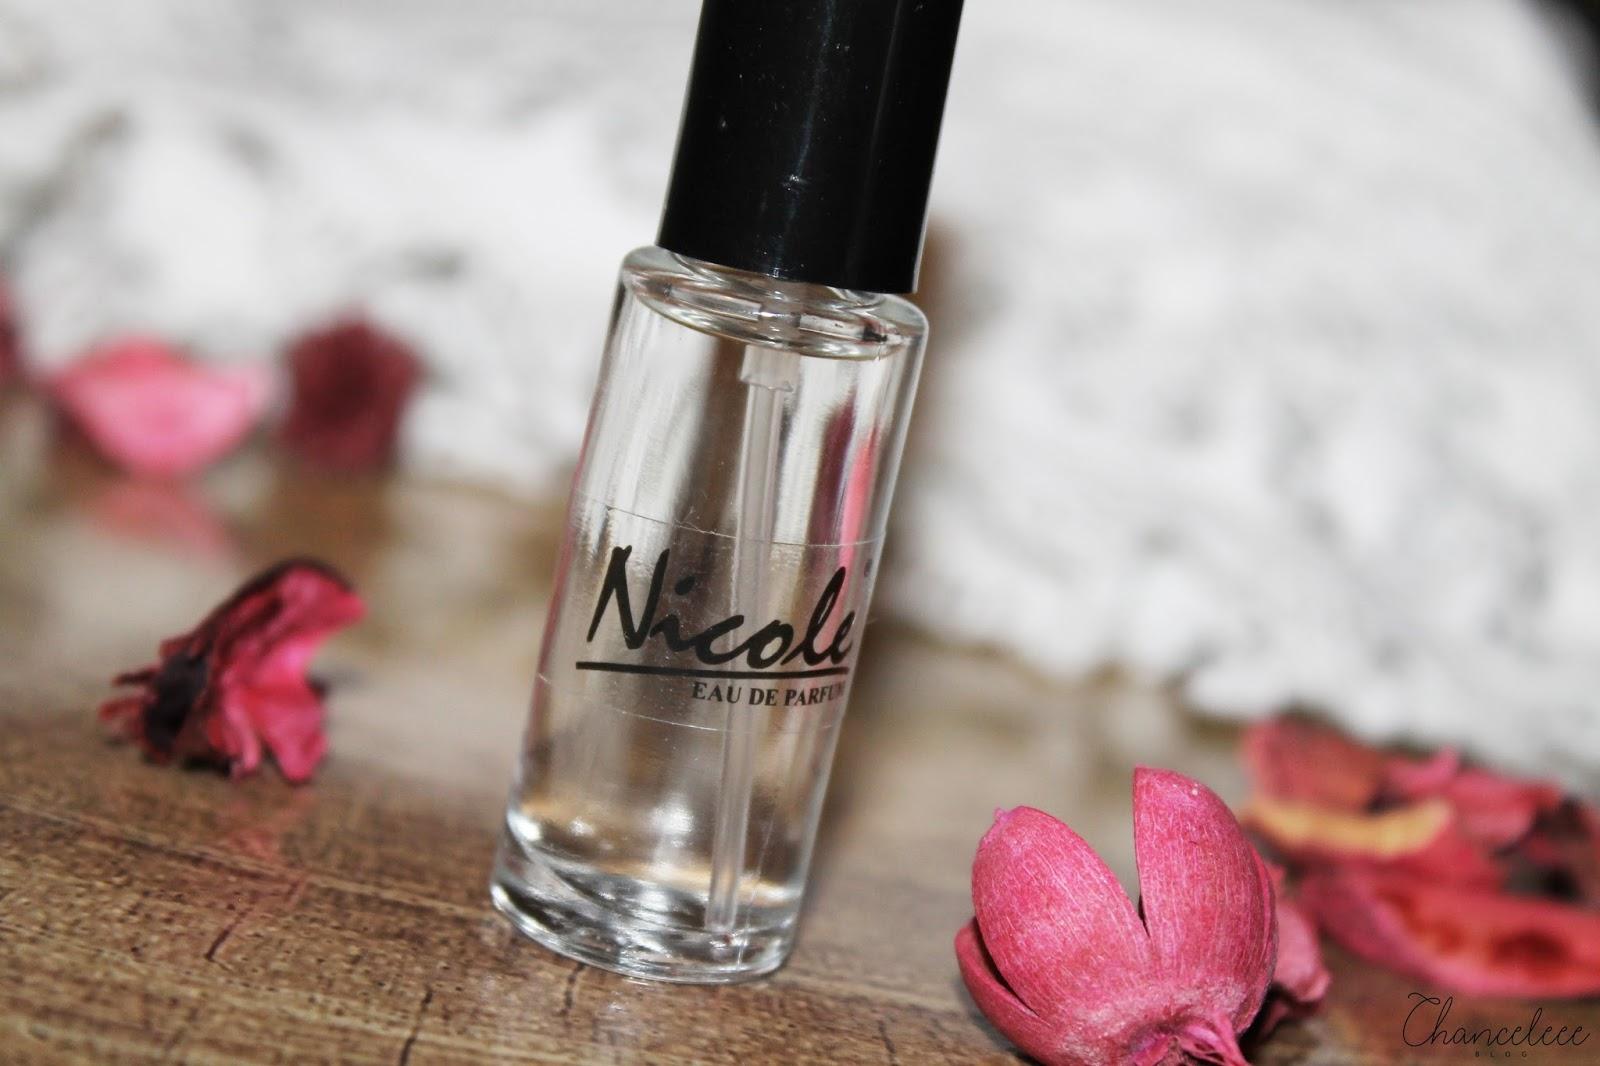 Smart Filler Nicole - pomysł na ograniczone miejsce w kosmetyczce